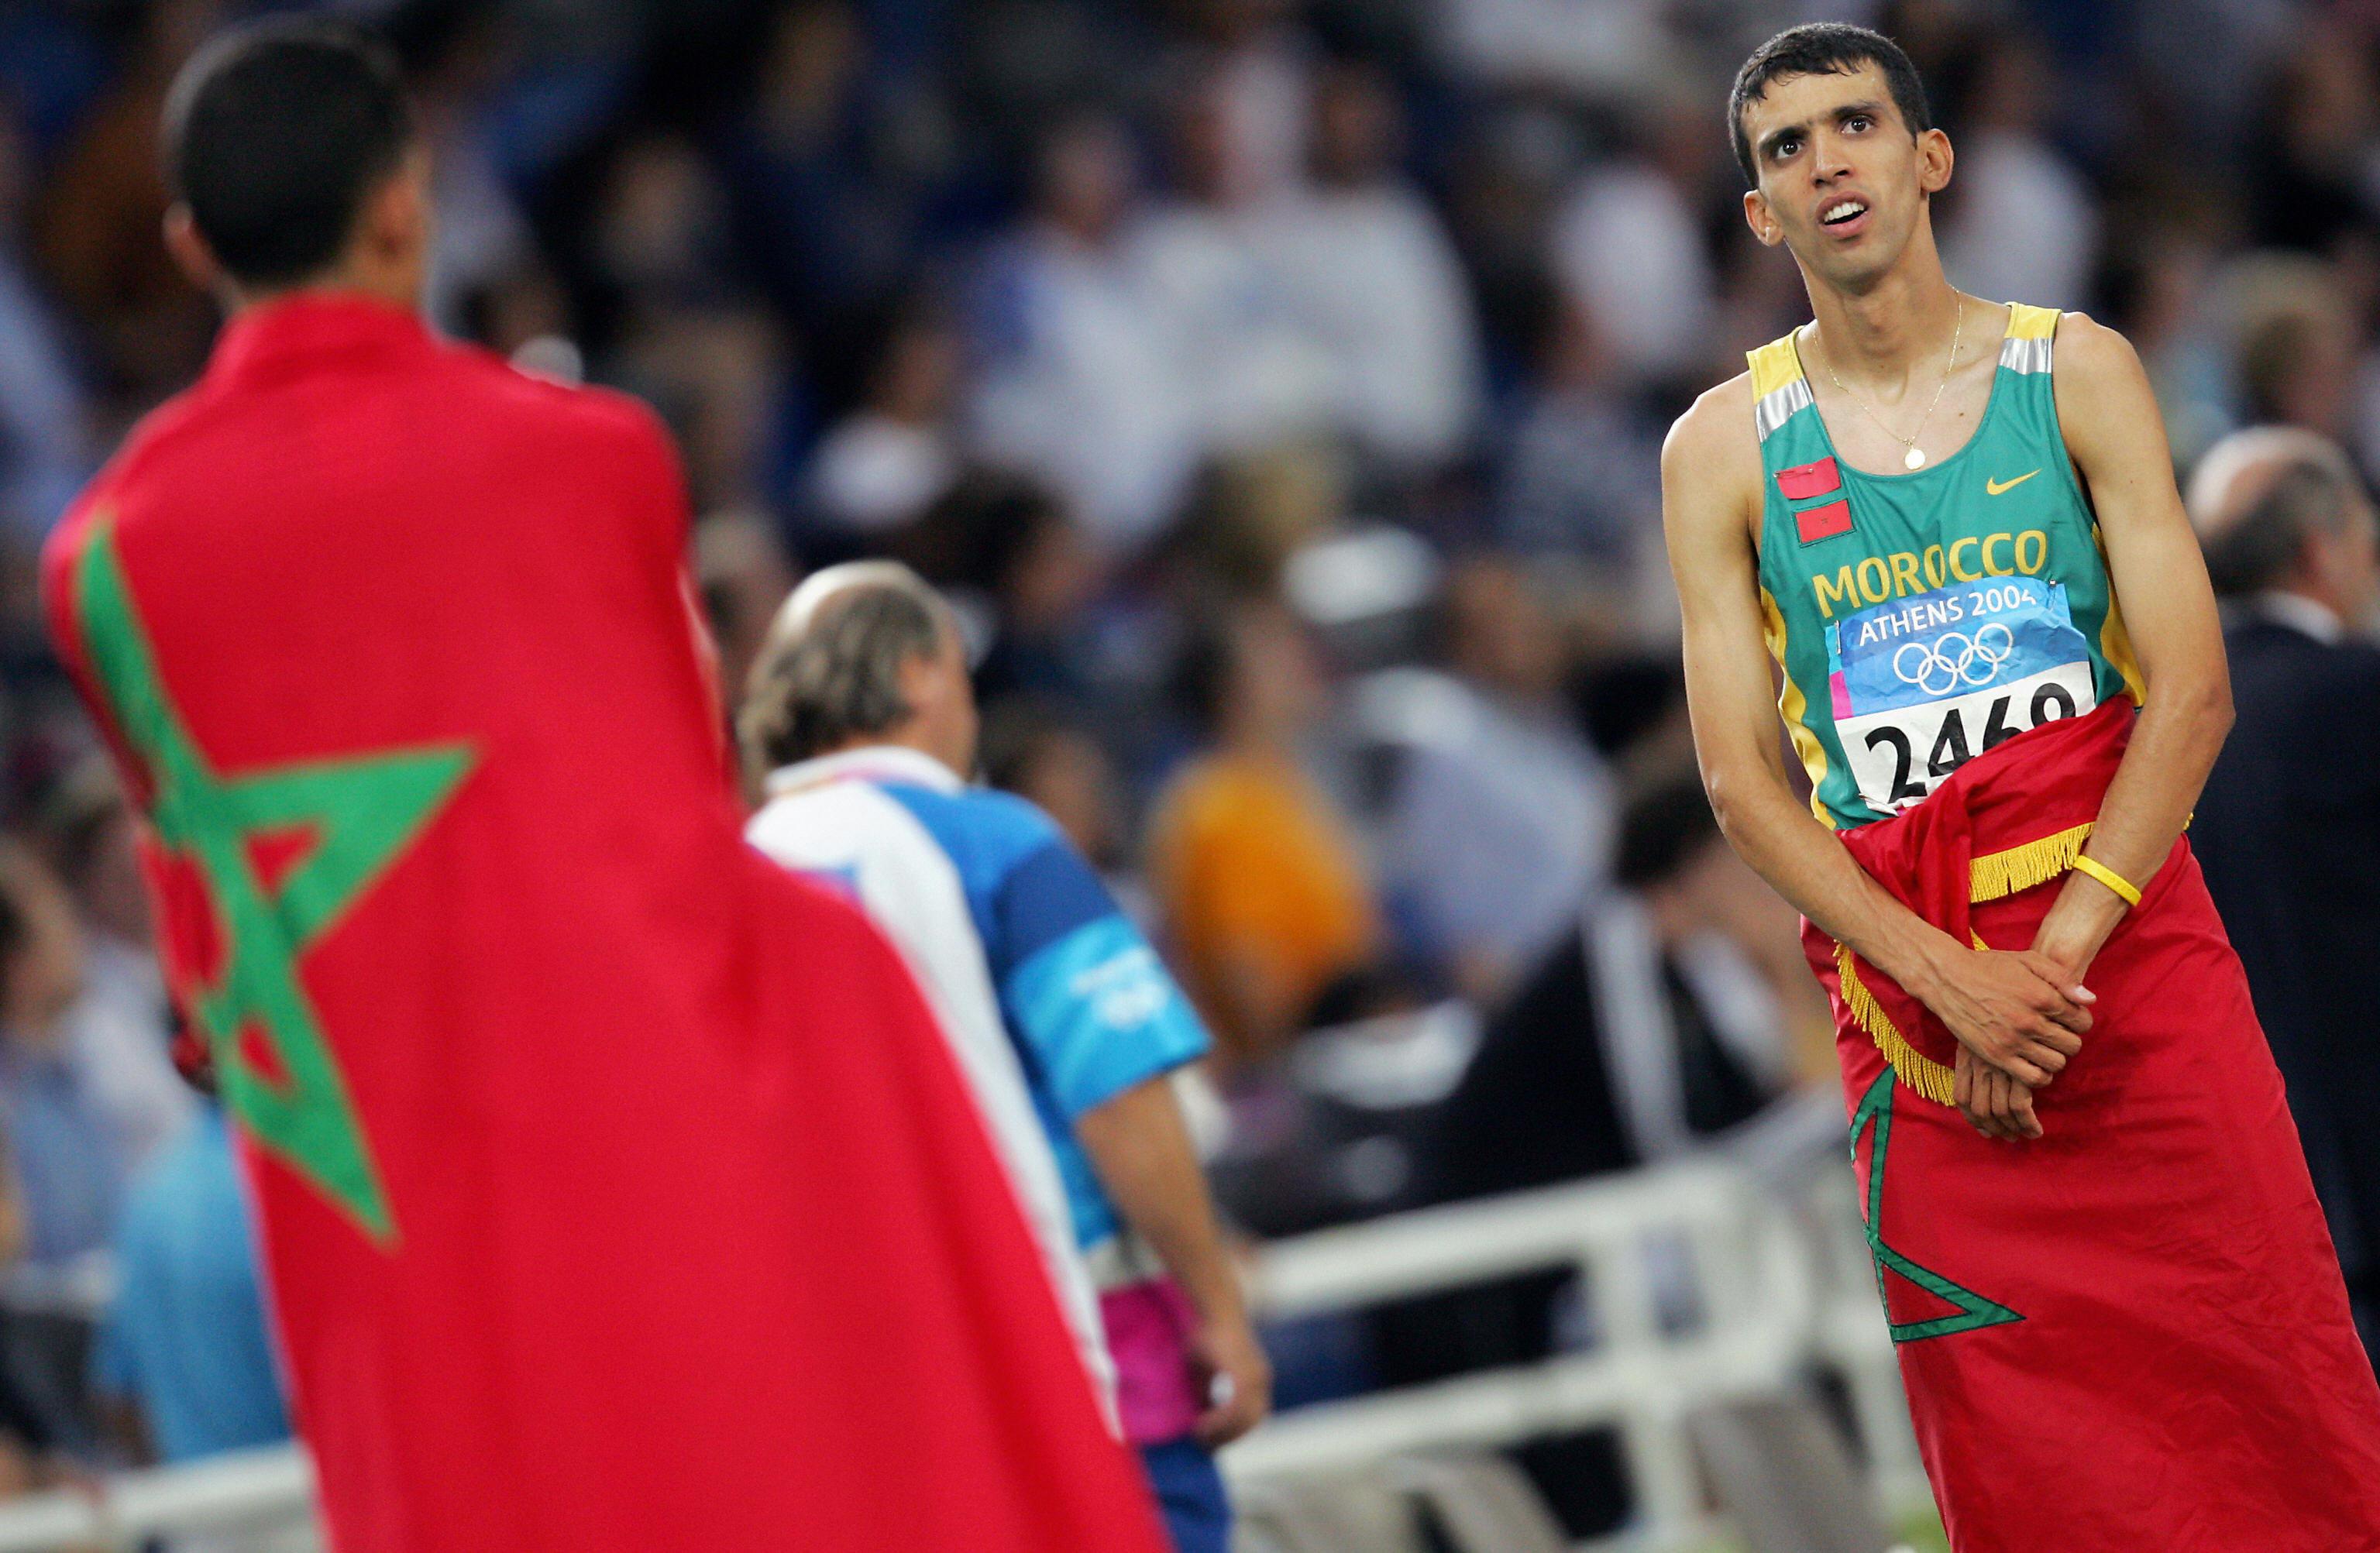 Dopage: Le ministère des Sports rejette les allégations portées contre certains athlètes